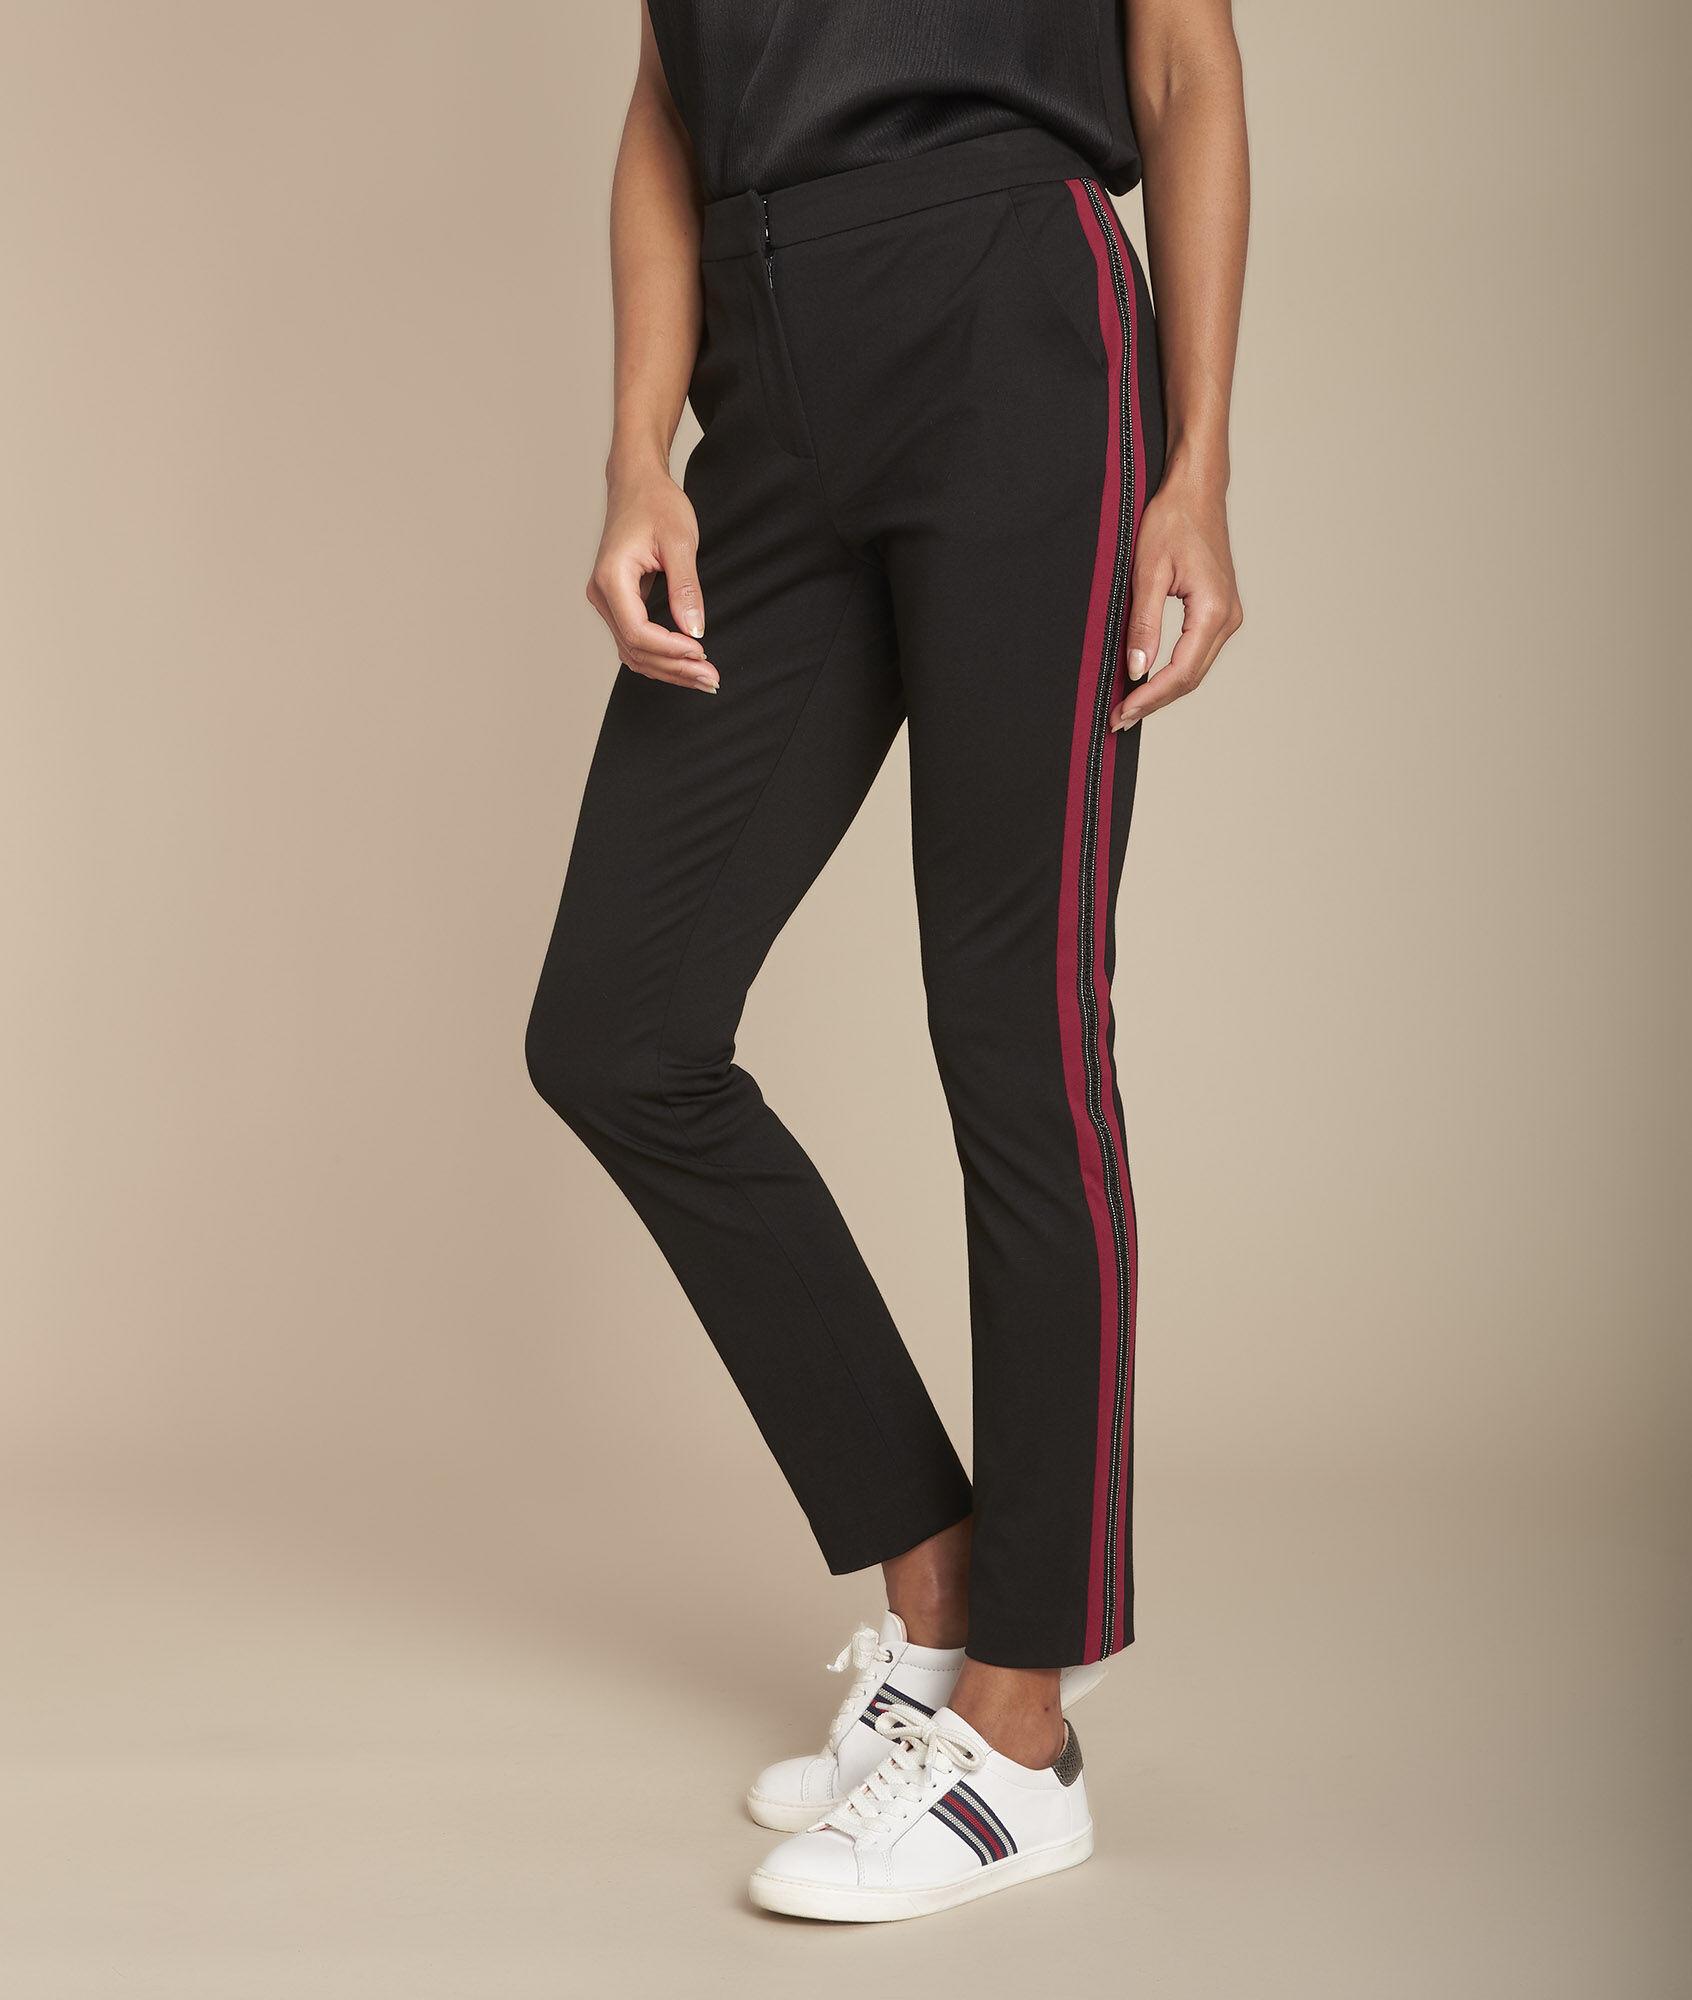 Schwarze, kurz geschnittene Hose Milano mit originellem Streifen Elane